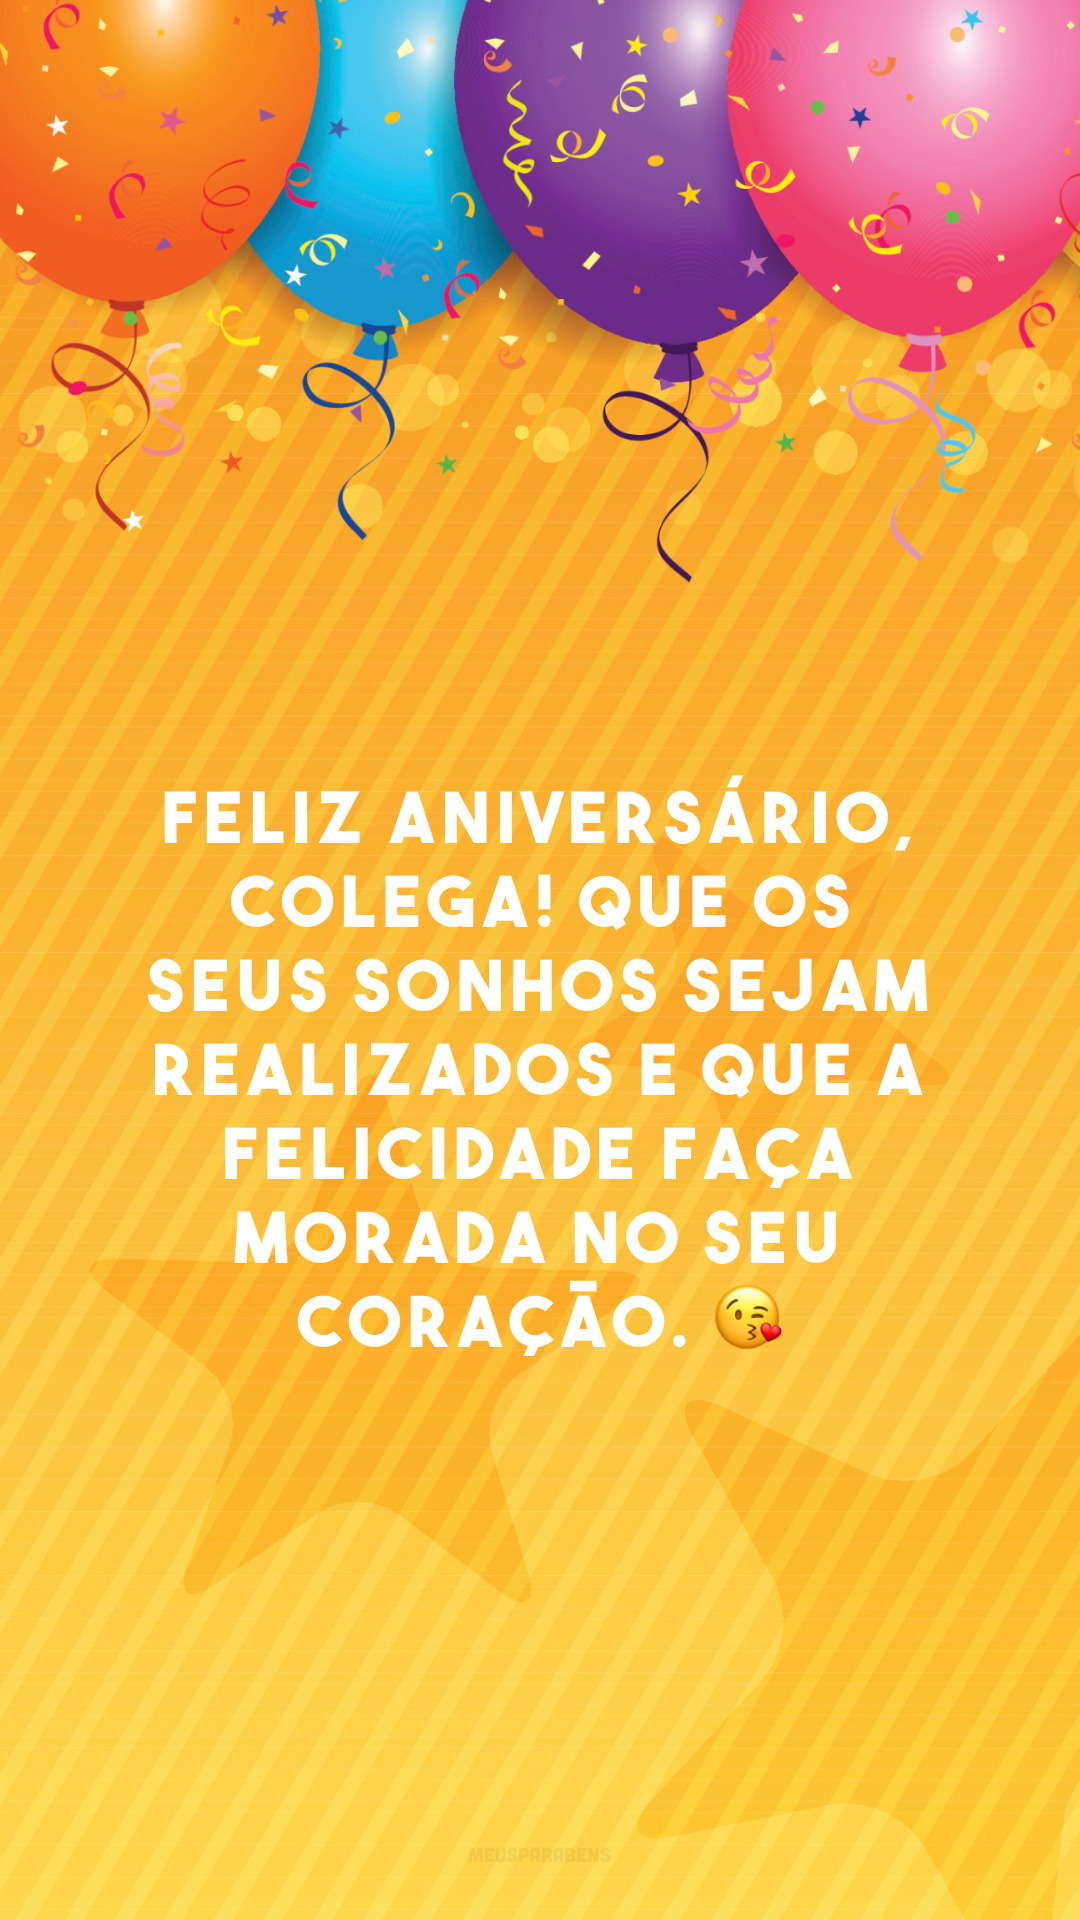 Feliz aniversário, colega! Que os seus sonhos sejam realizados e que a felicidade faça morada no seu coração. 😘